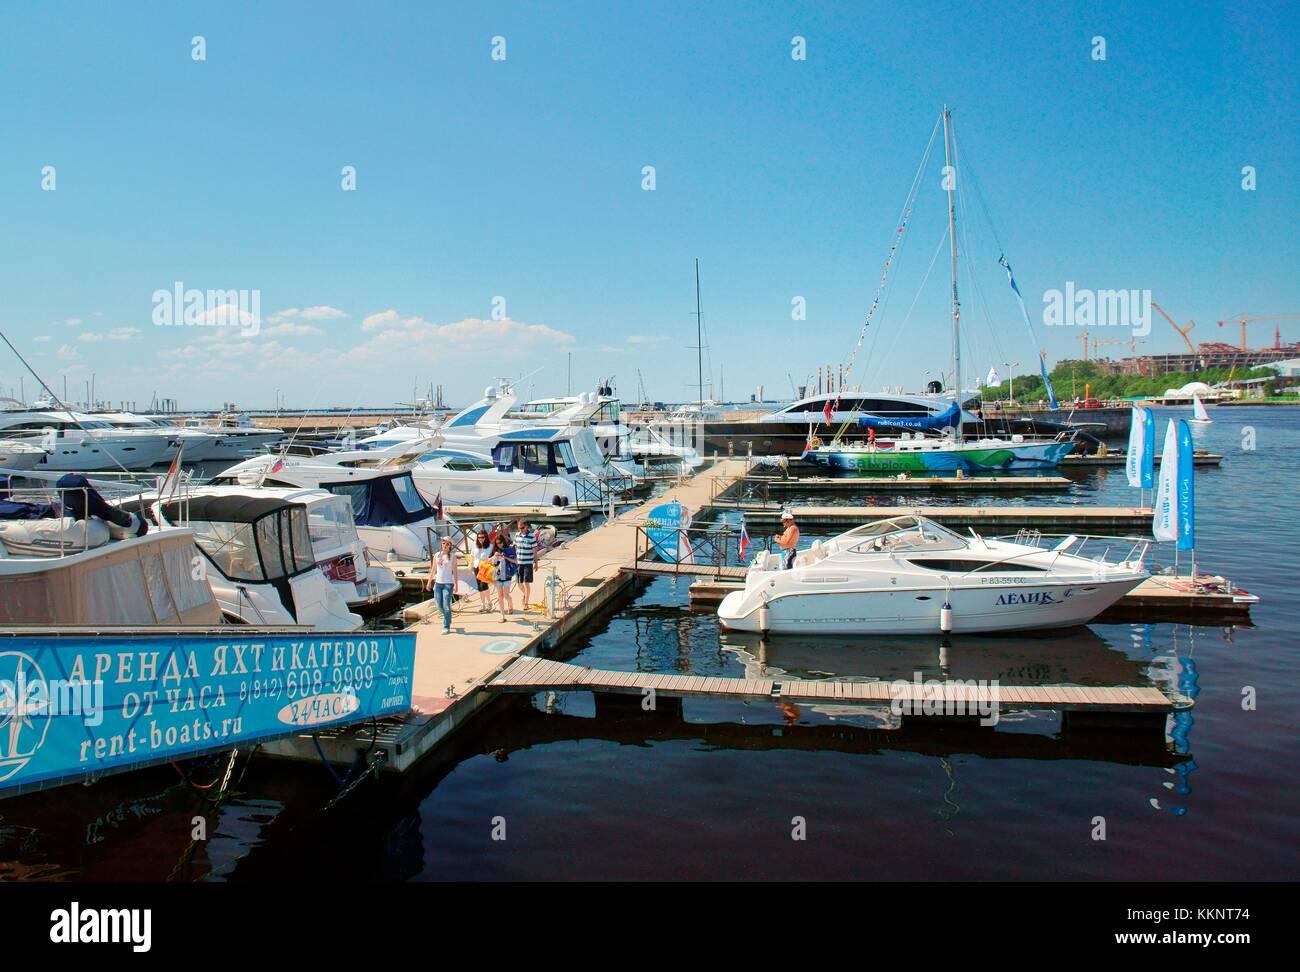 Petrovsky tsekhgauz, yacht club on the river Voronezh 92